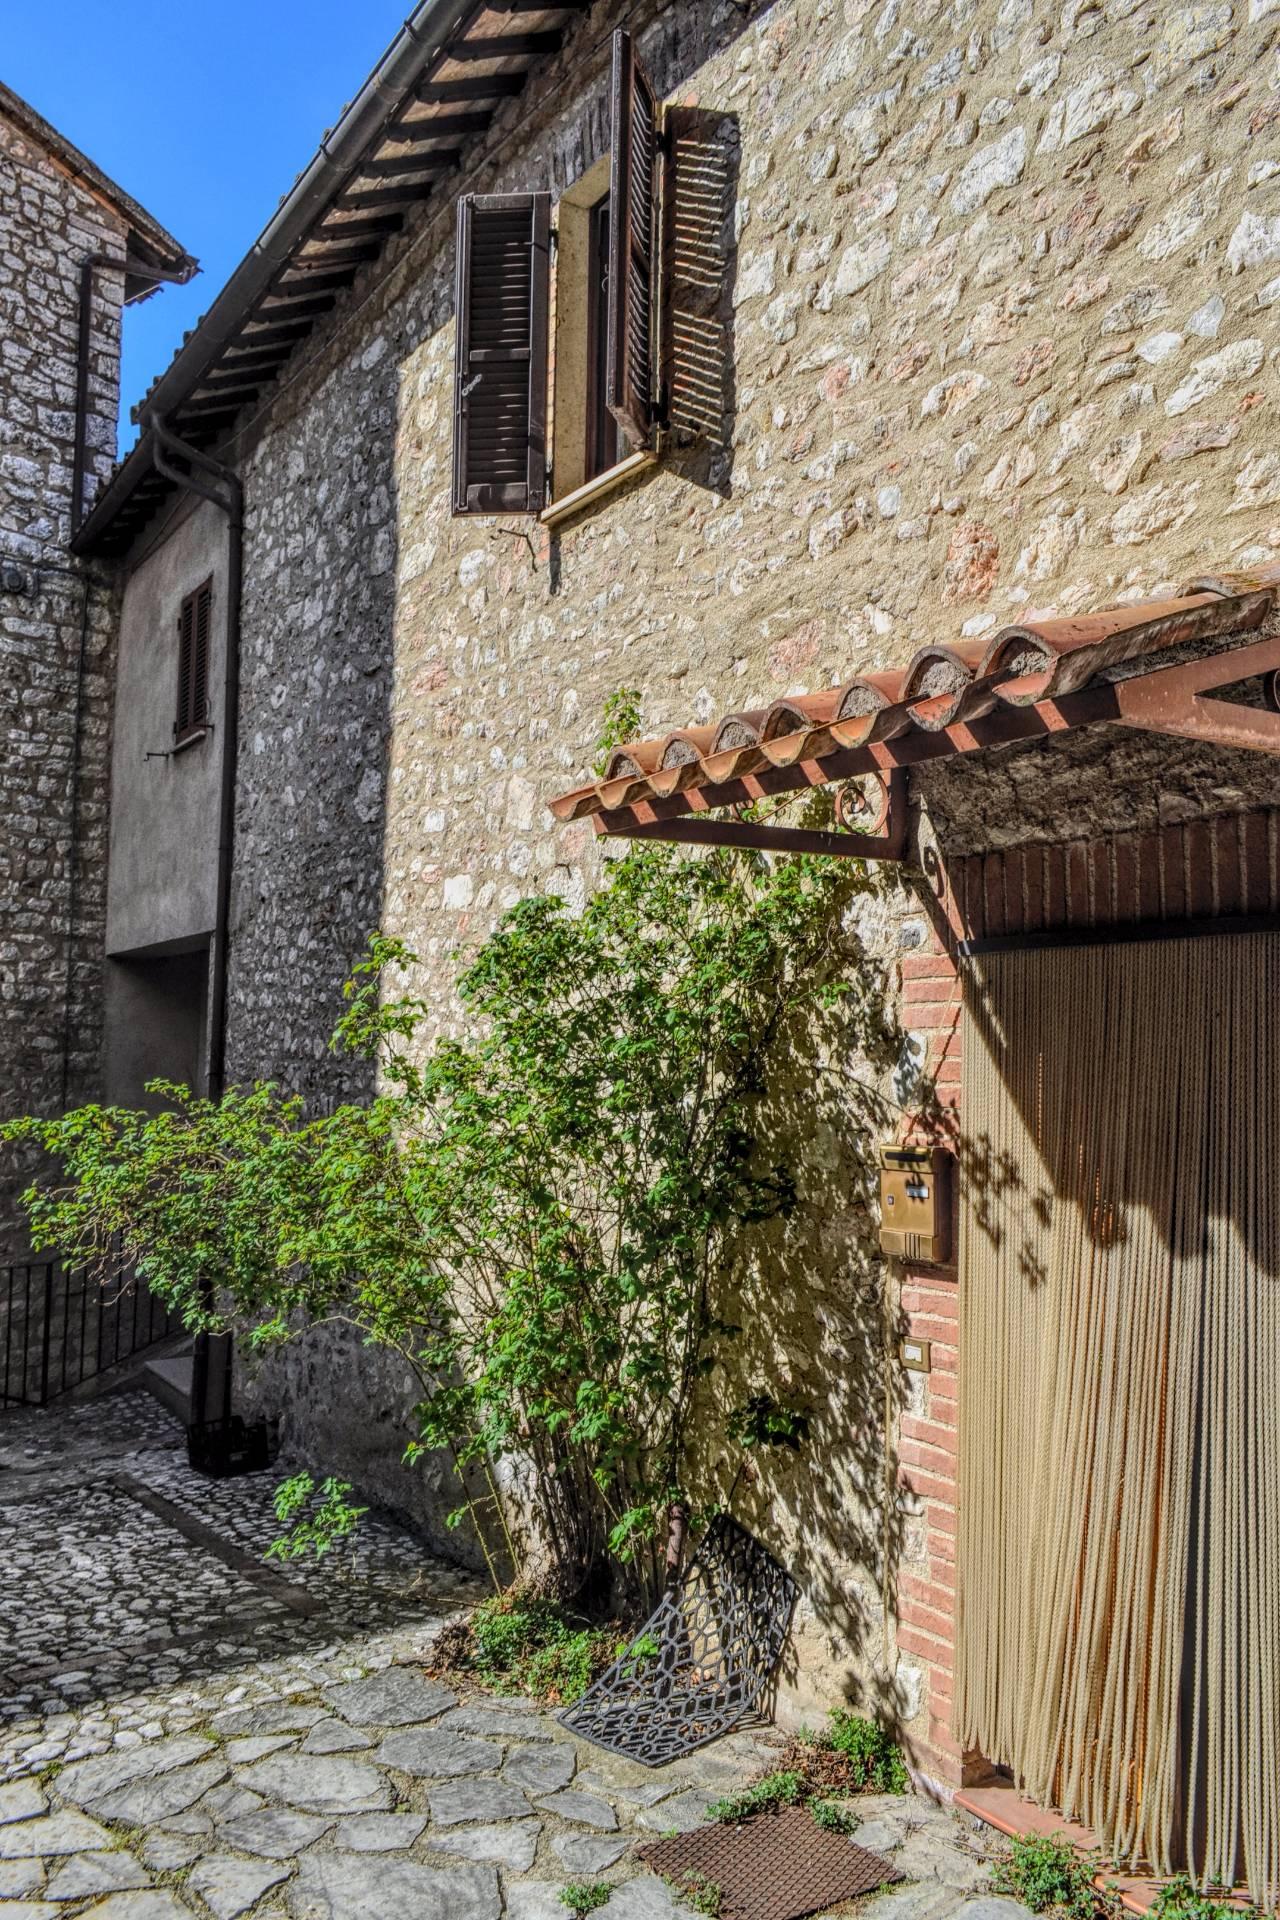 Rustico / Casale in vendita a Vallo di Nera, 5 locali, zona Zona: Meggiano, prezzo € 69.000 | CambioCasa.it